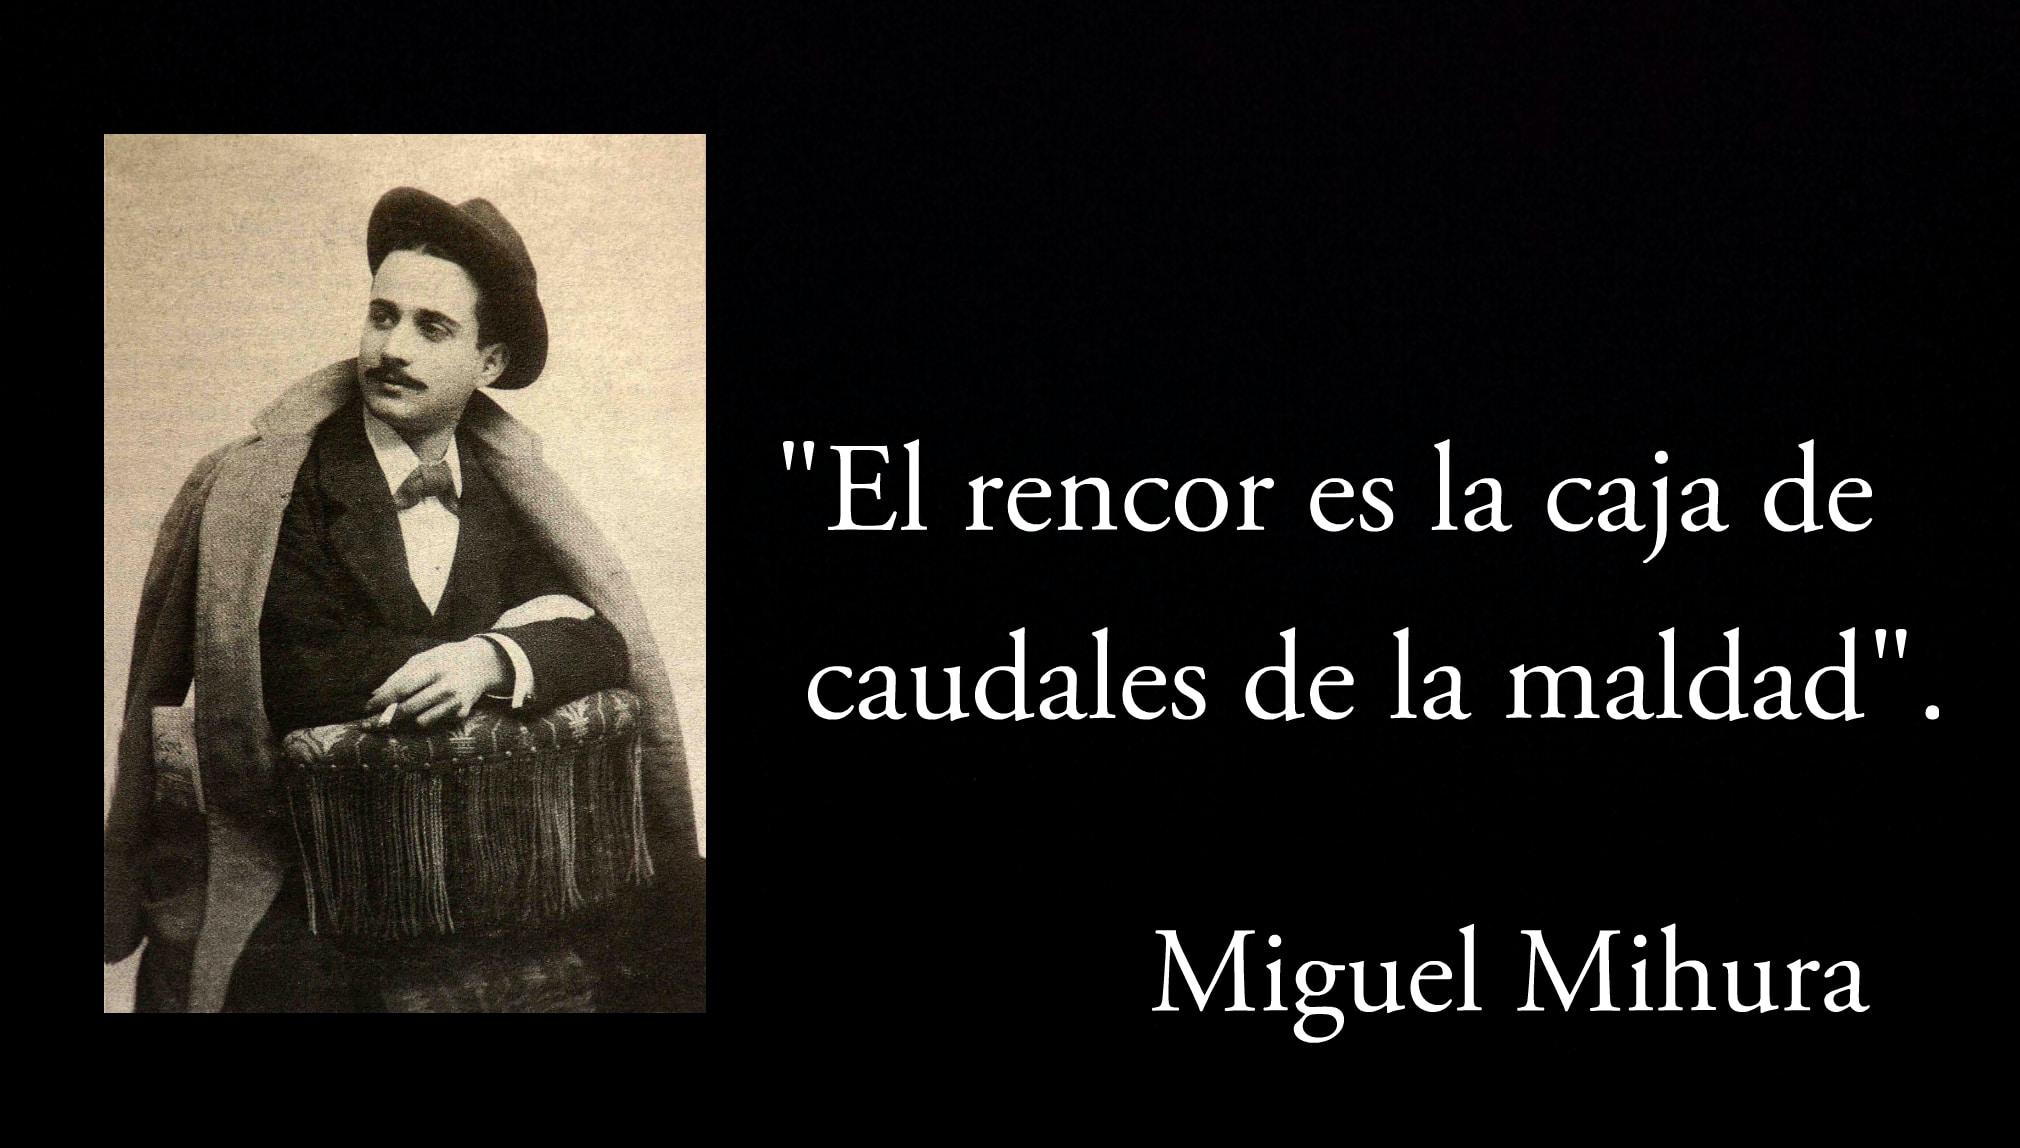 Frase de Miguel Mihura.